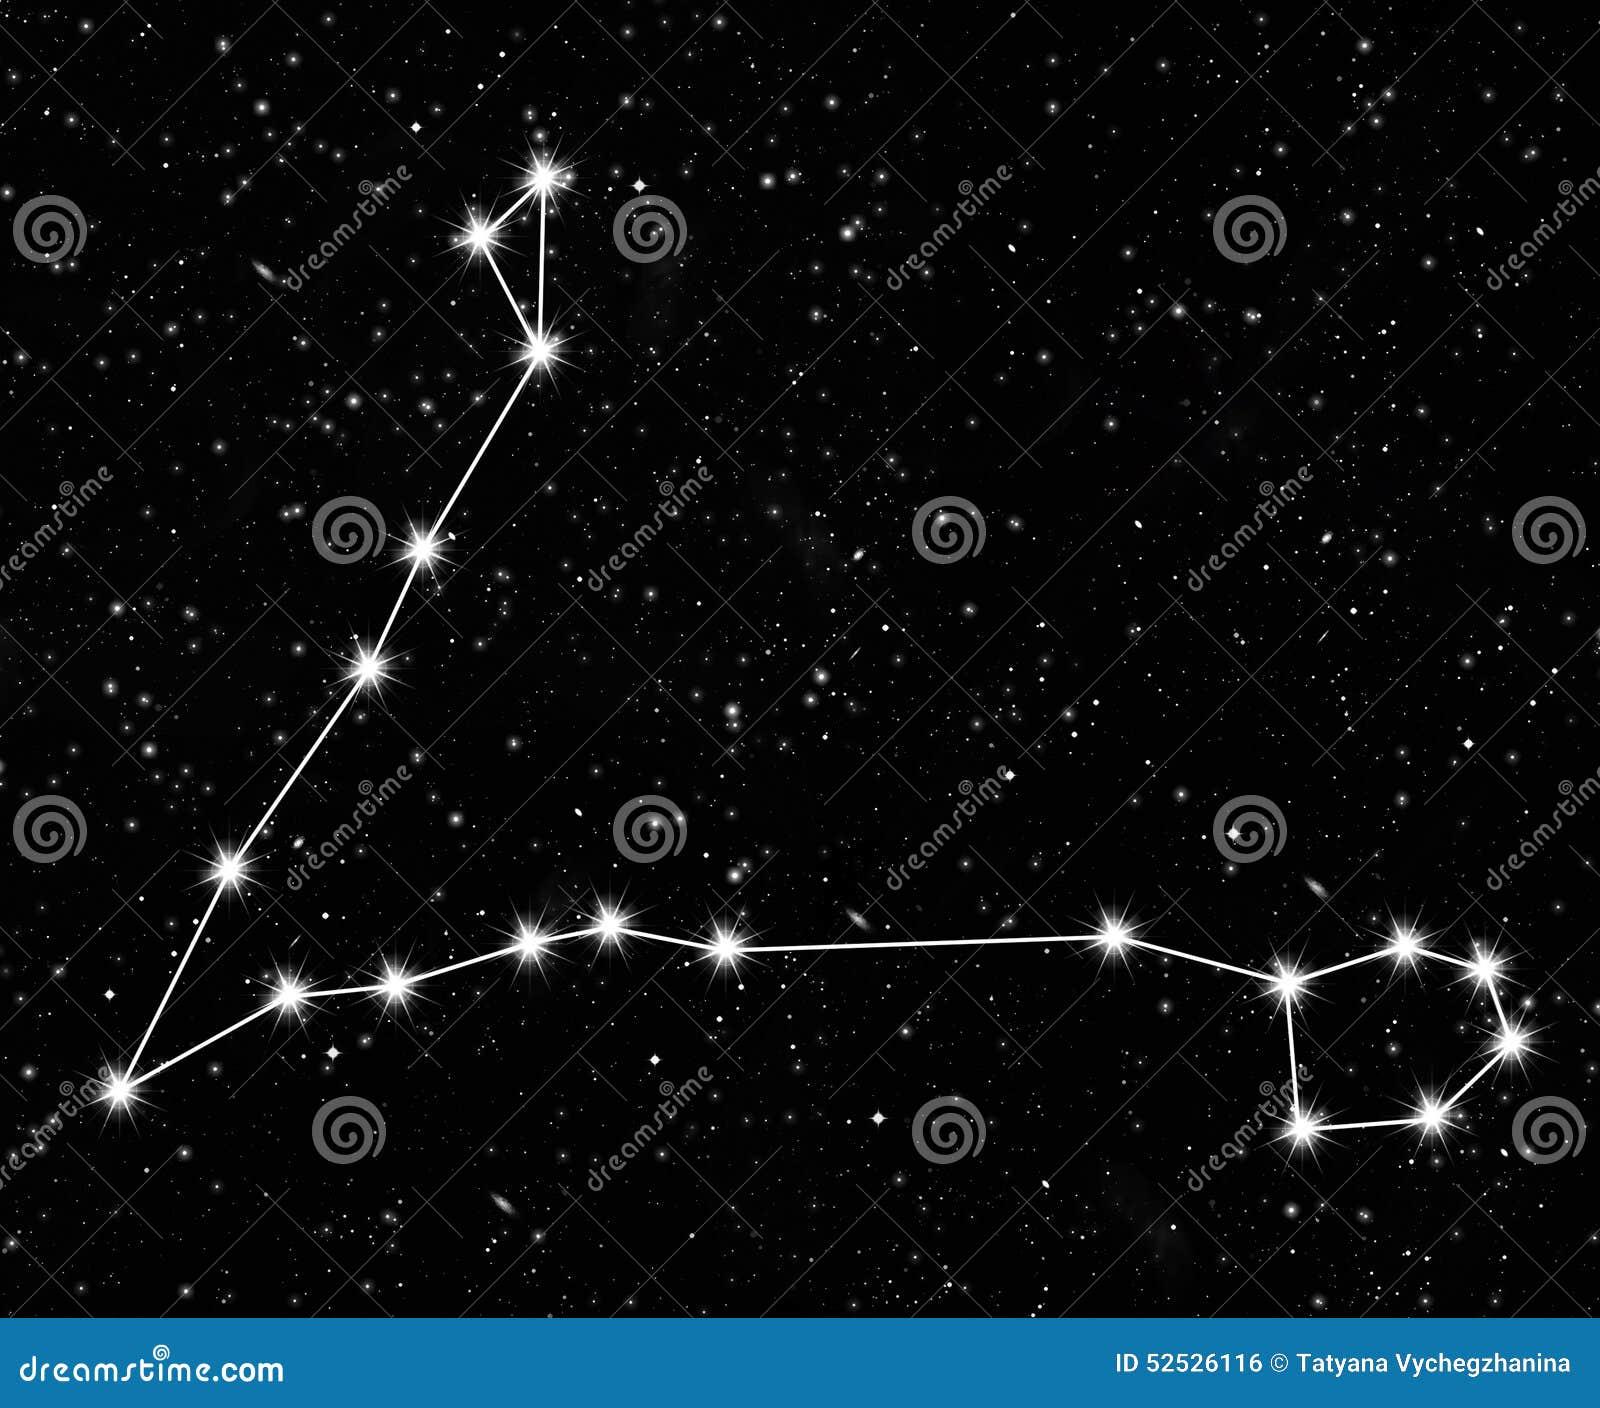 星座双鱼座图片